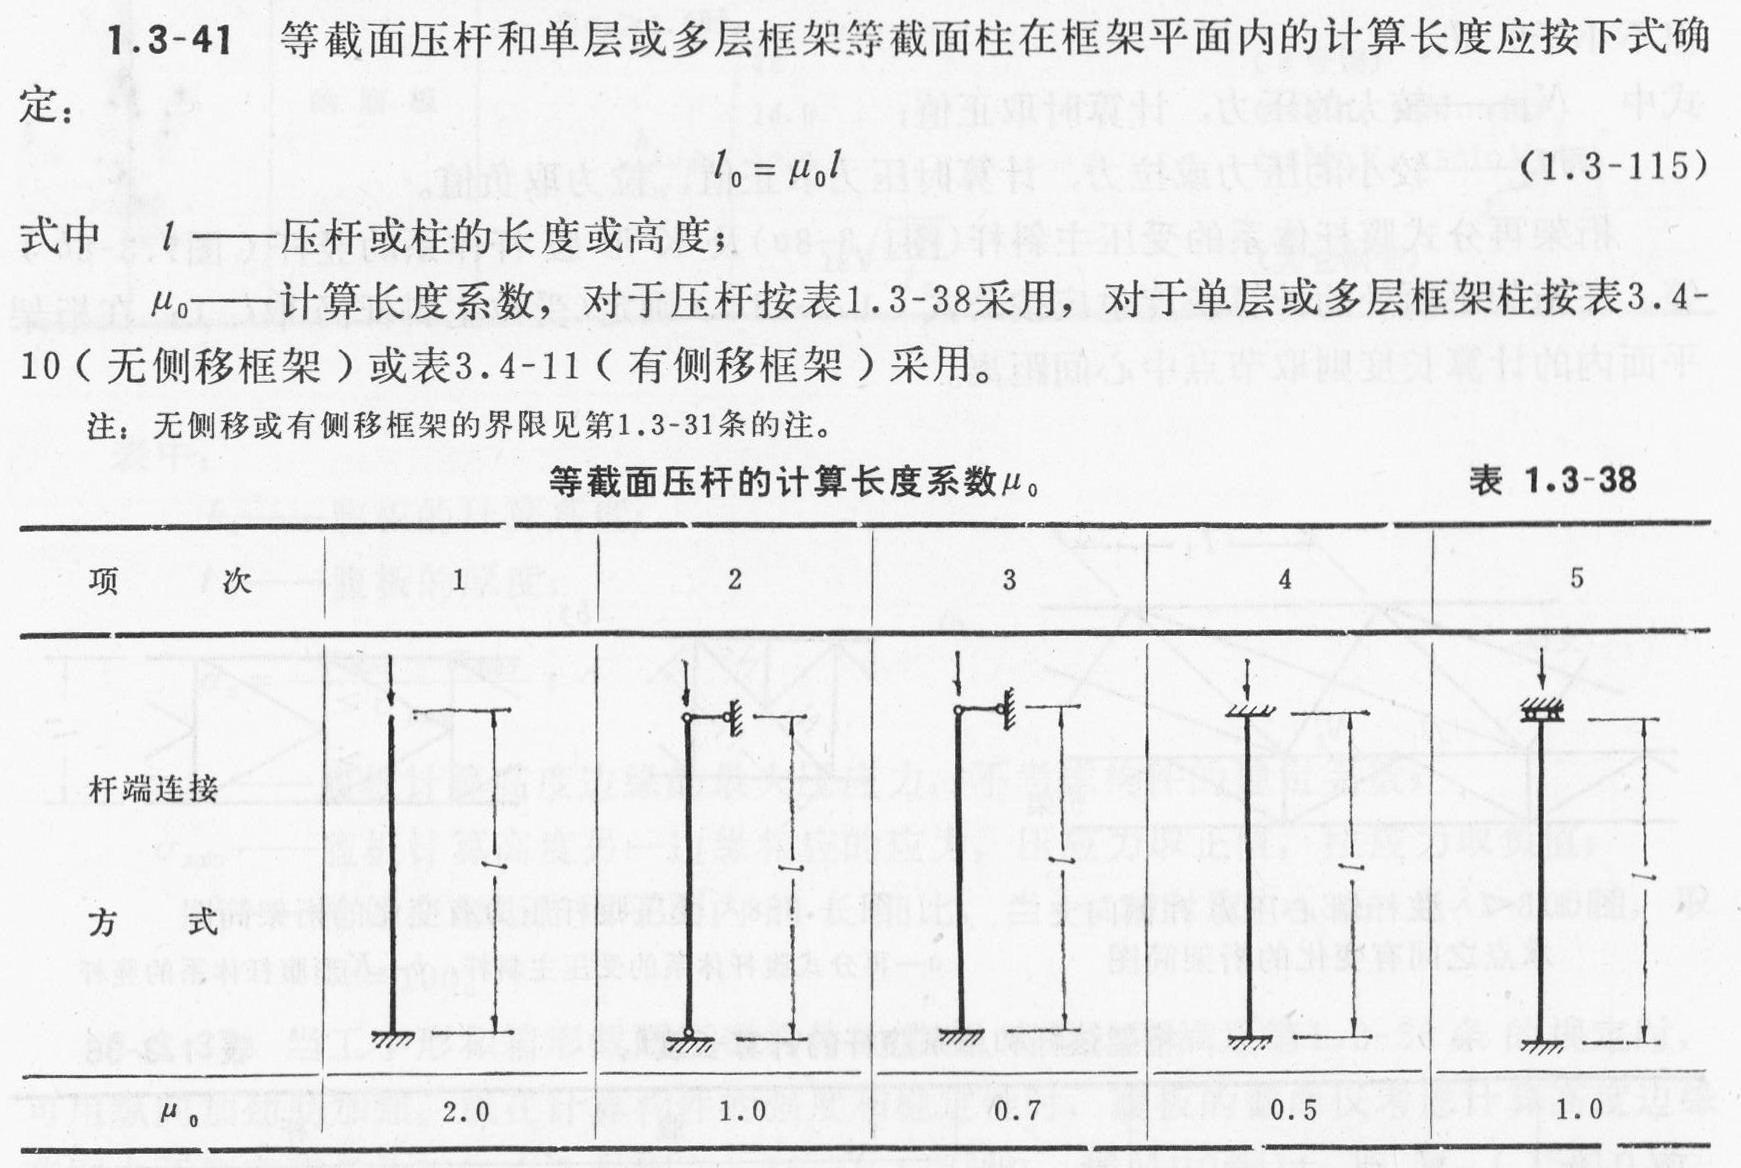 计算单角钢受压构件的长细比时,应采用最小回转半径,计算长度如何取